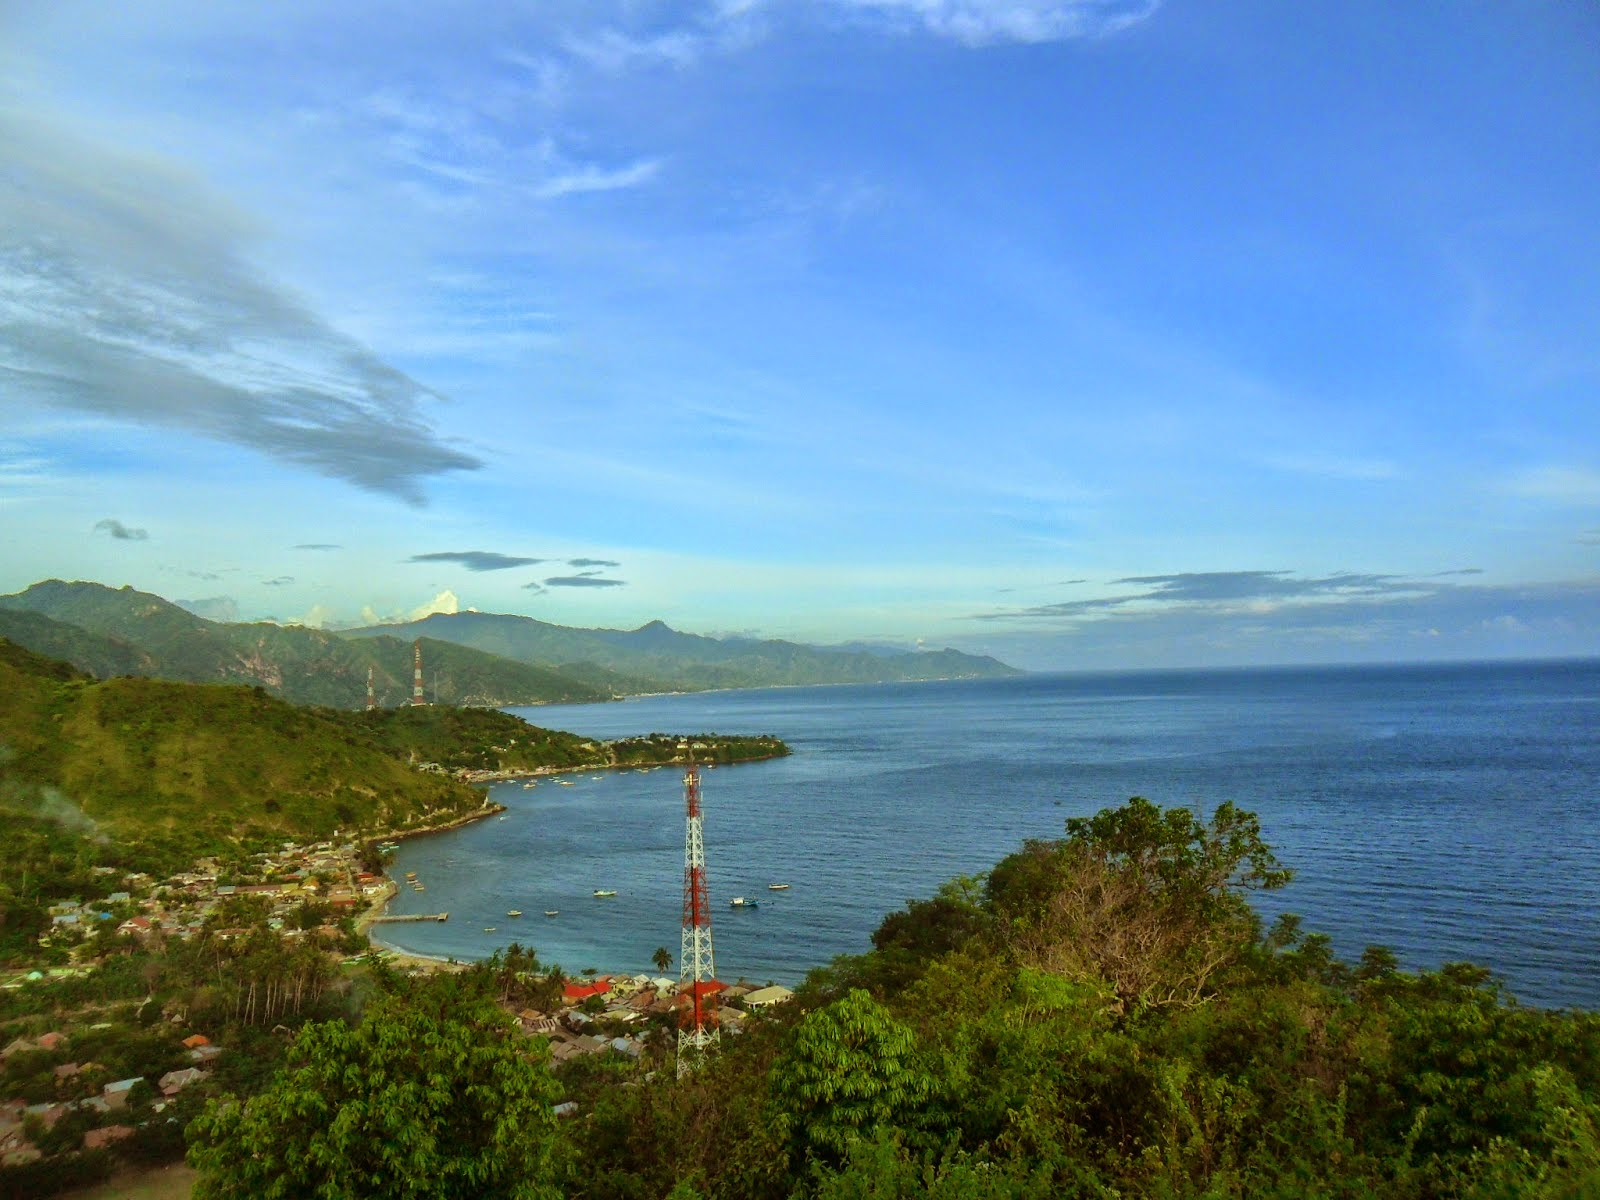 Pantai Olele Primadonanya Surga Laut Gorontalo Taman Wisata Kab Bone